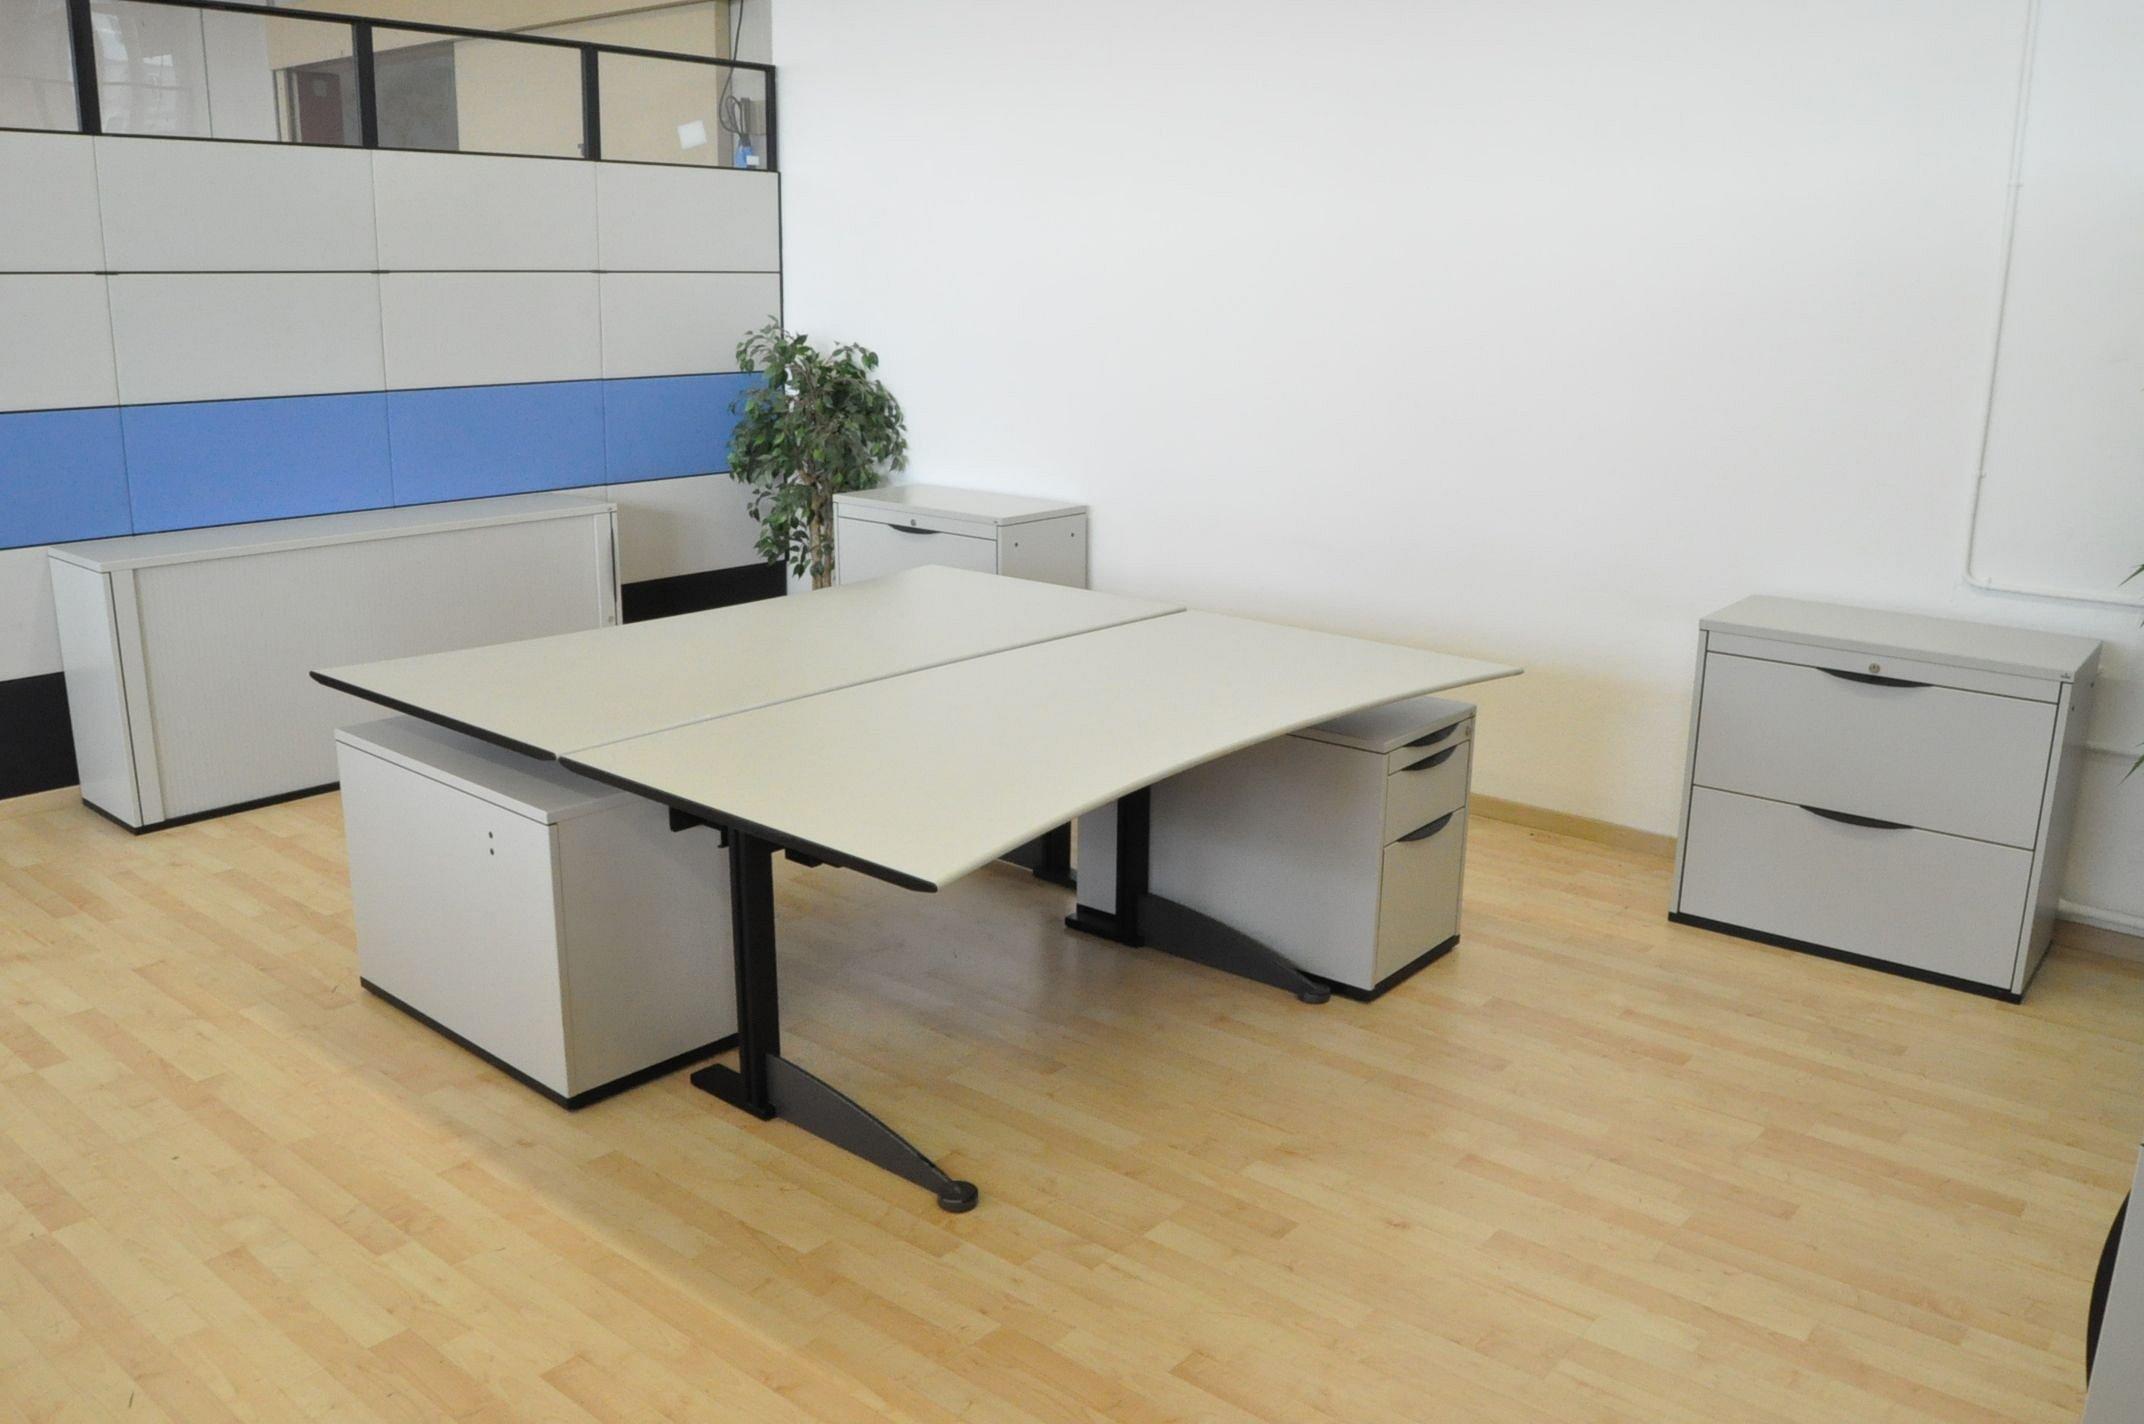 Mc Office Shop Gmbh In Schönenwerd Adresse öffnungszeiten Auf